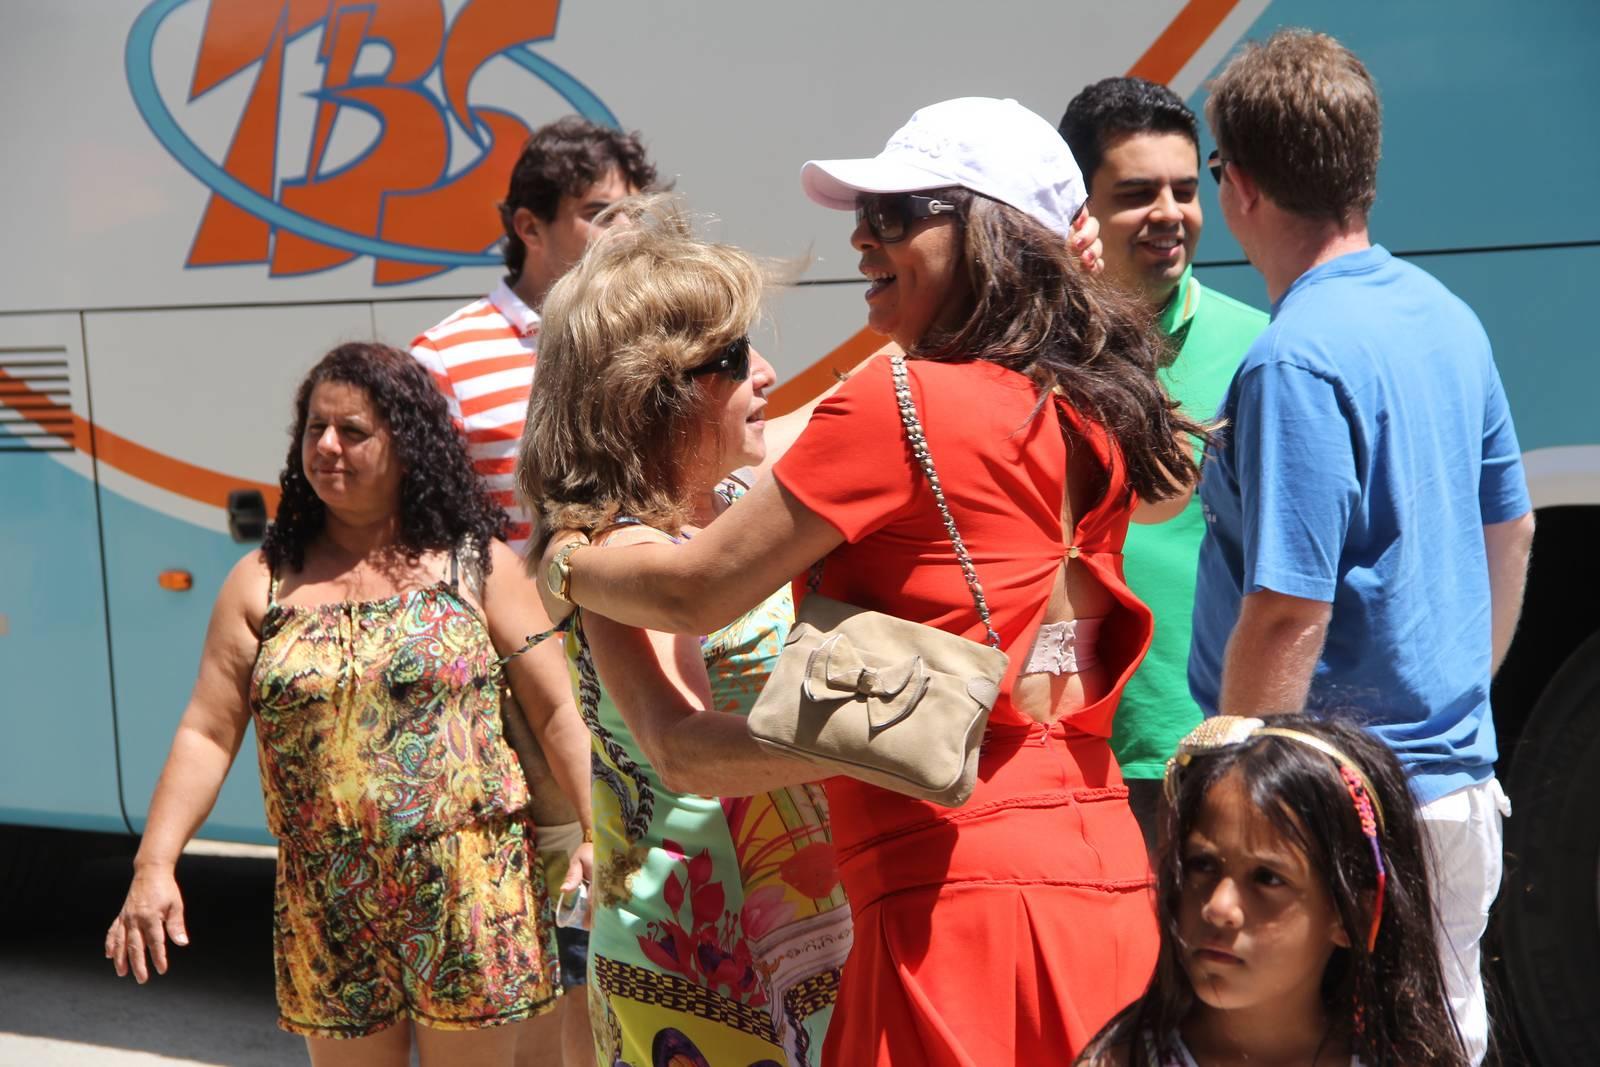 Momento de Festa e Confraternização - IV Encontro Reginal do Nordeste (11)